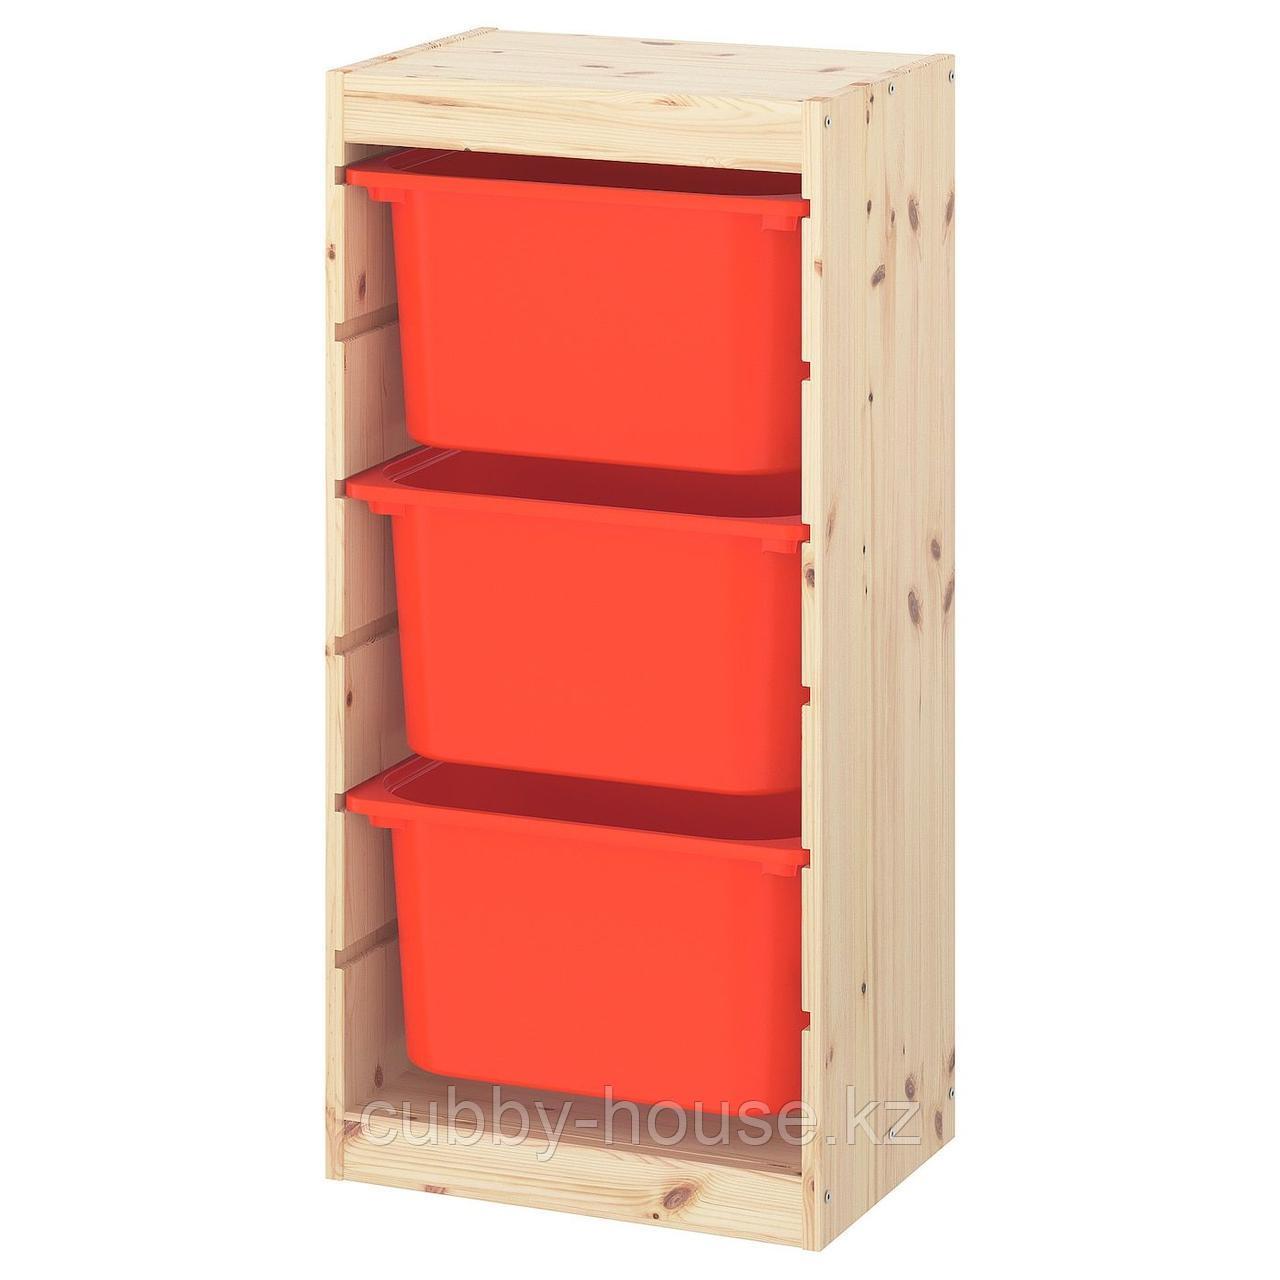 ТРУФАСТ Комбинация д/хранения+контейнеры, светлая беленая сосна, белый, 44x30x91 см